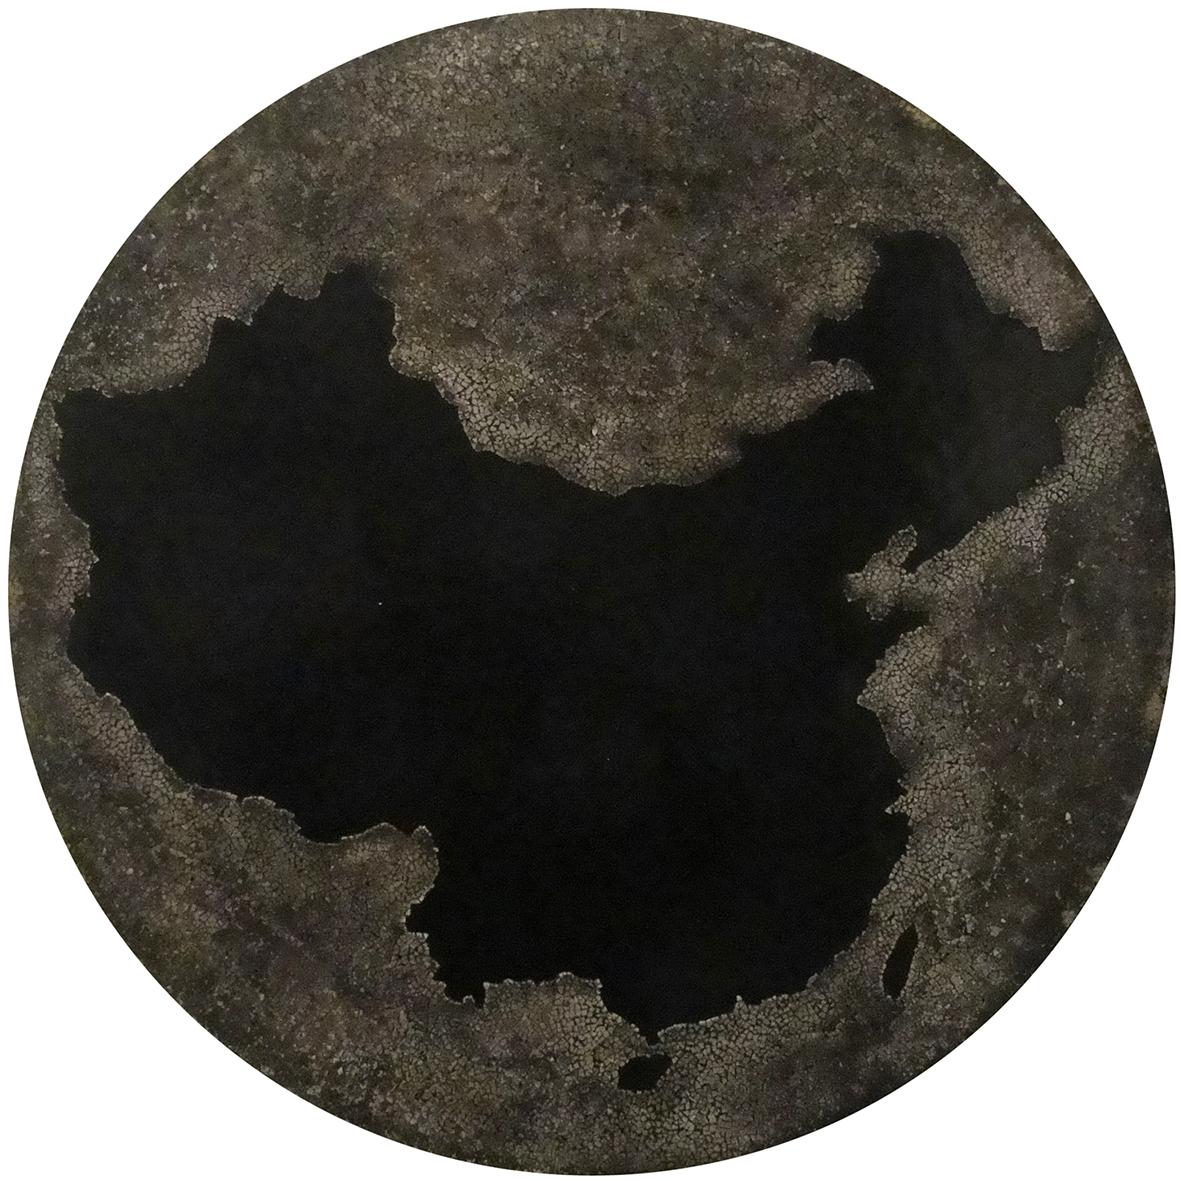 Ombre chinoise - Laque avec incrustation de coquilles d'œufs teintées à l'encre de chine, finition vernis - Dimension : 60 cm dia